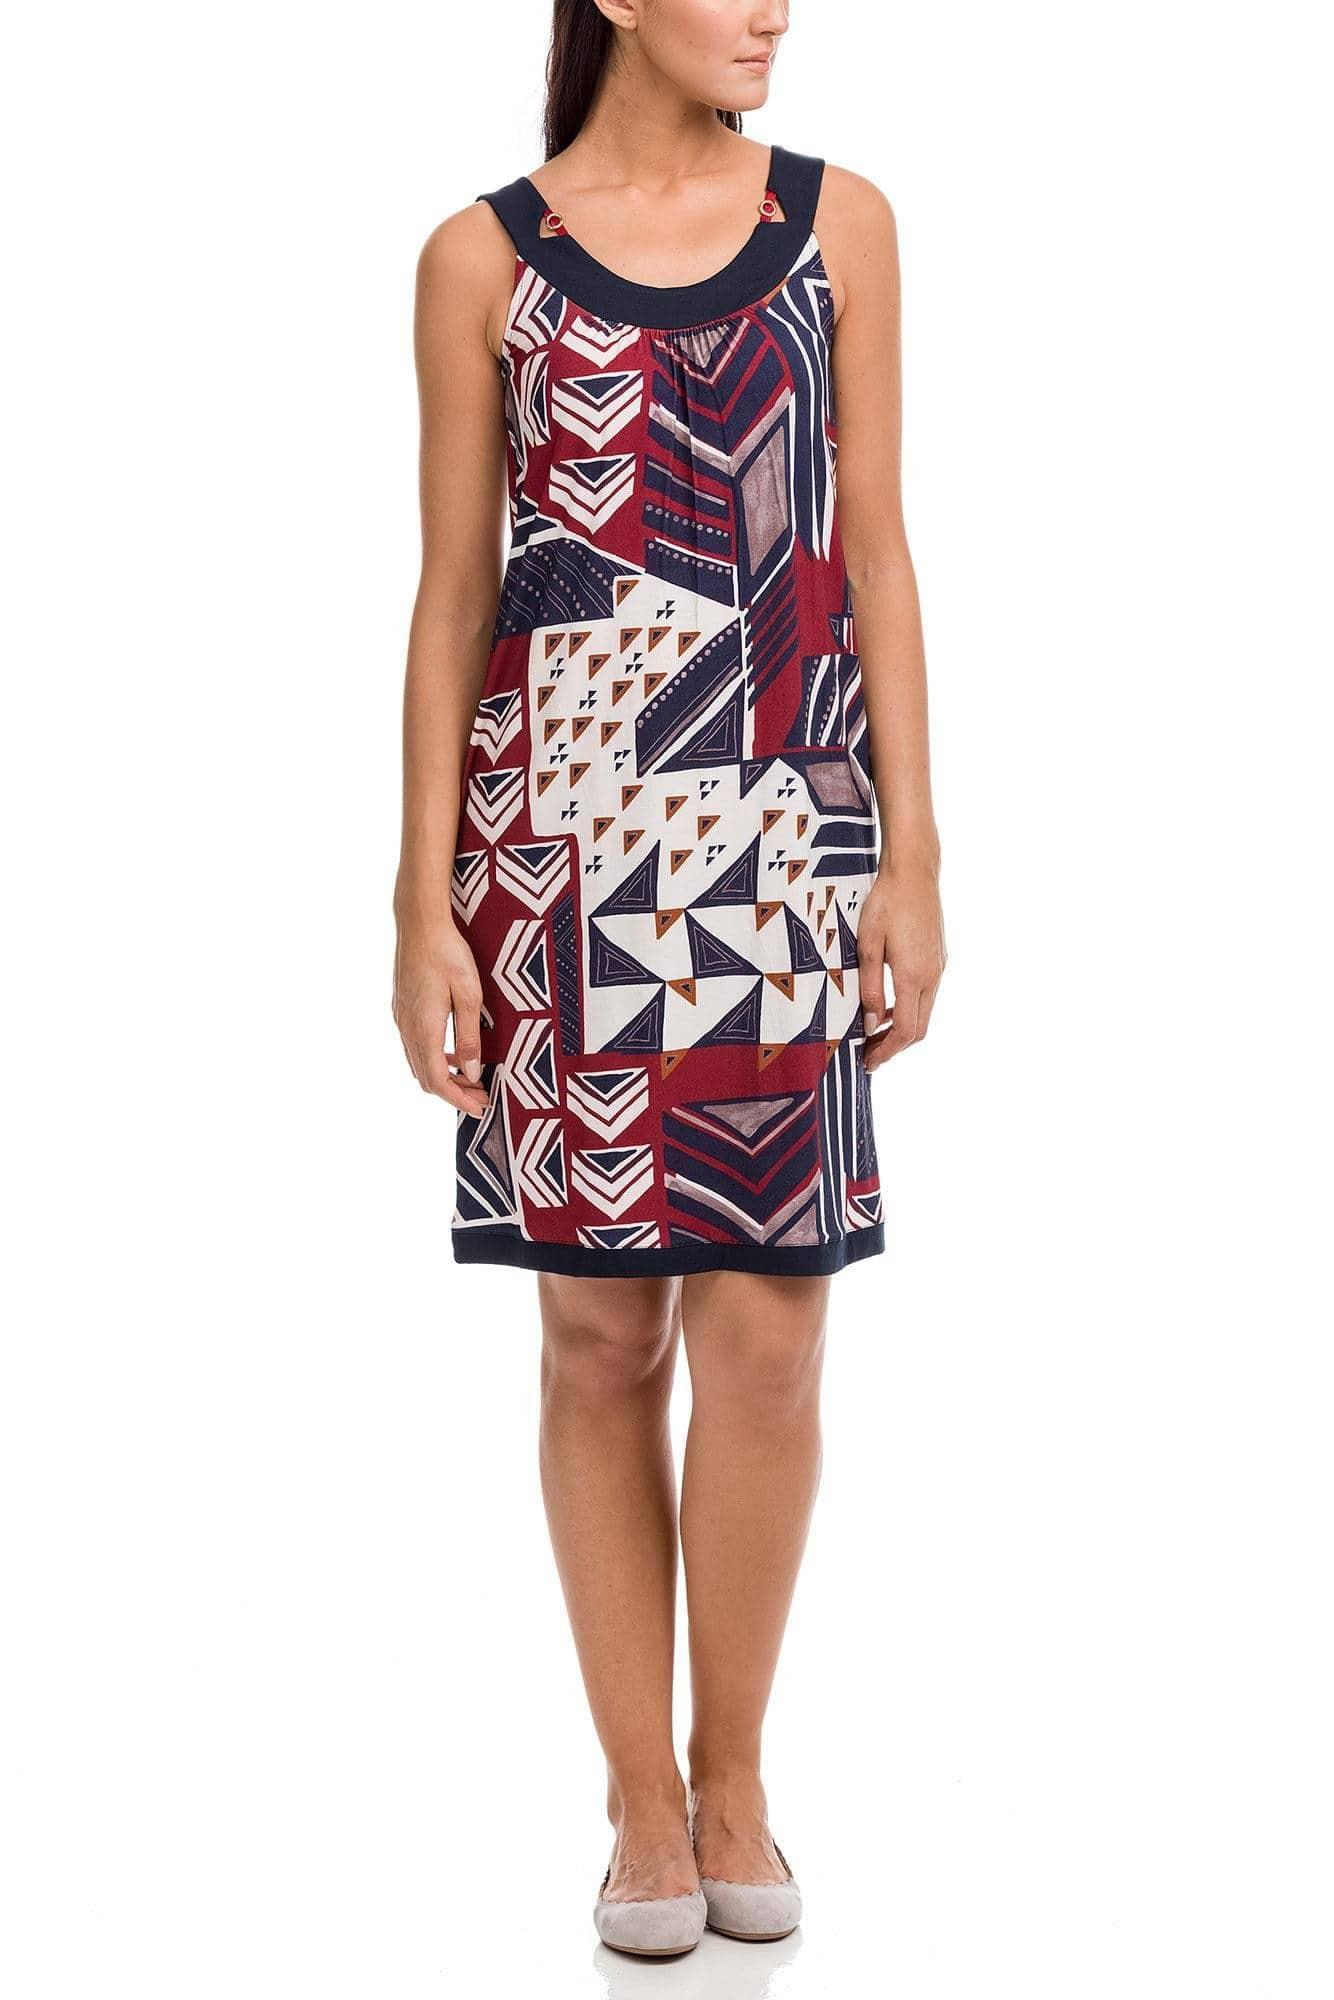 Φόρεμα Θαλάσσης Γεωμετρικό